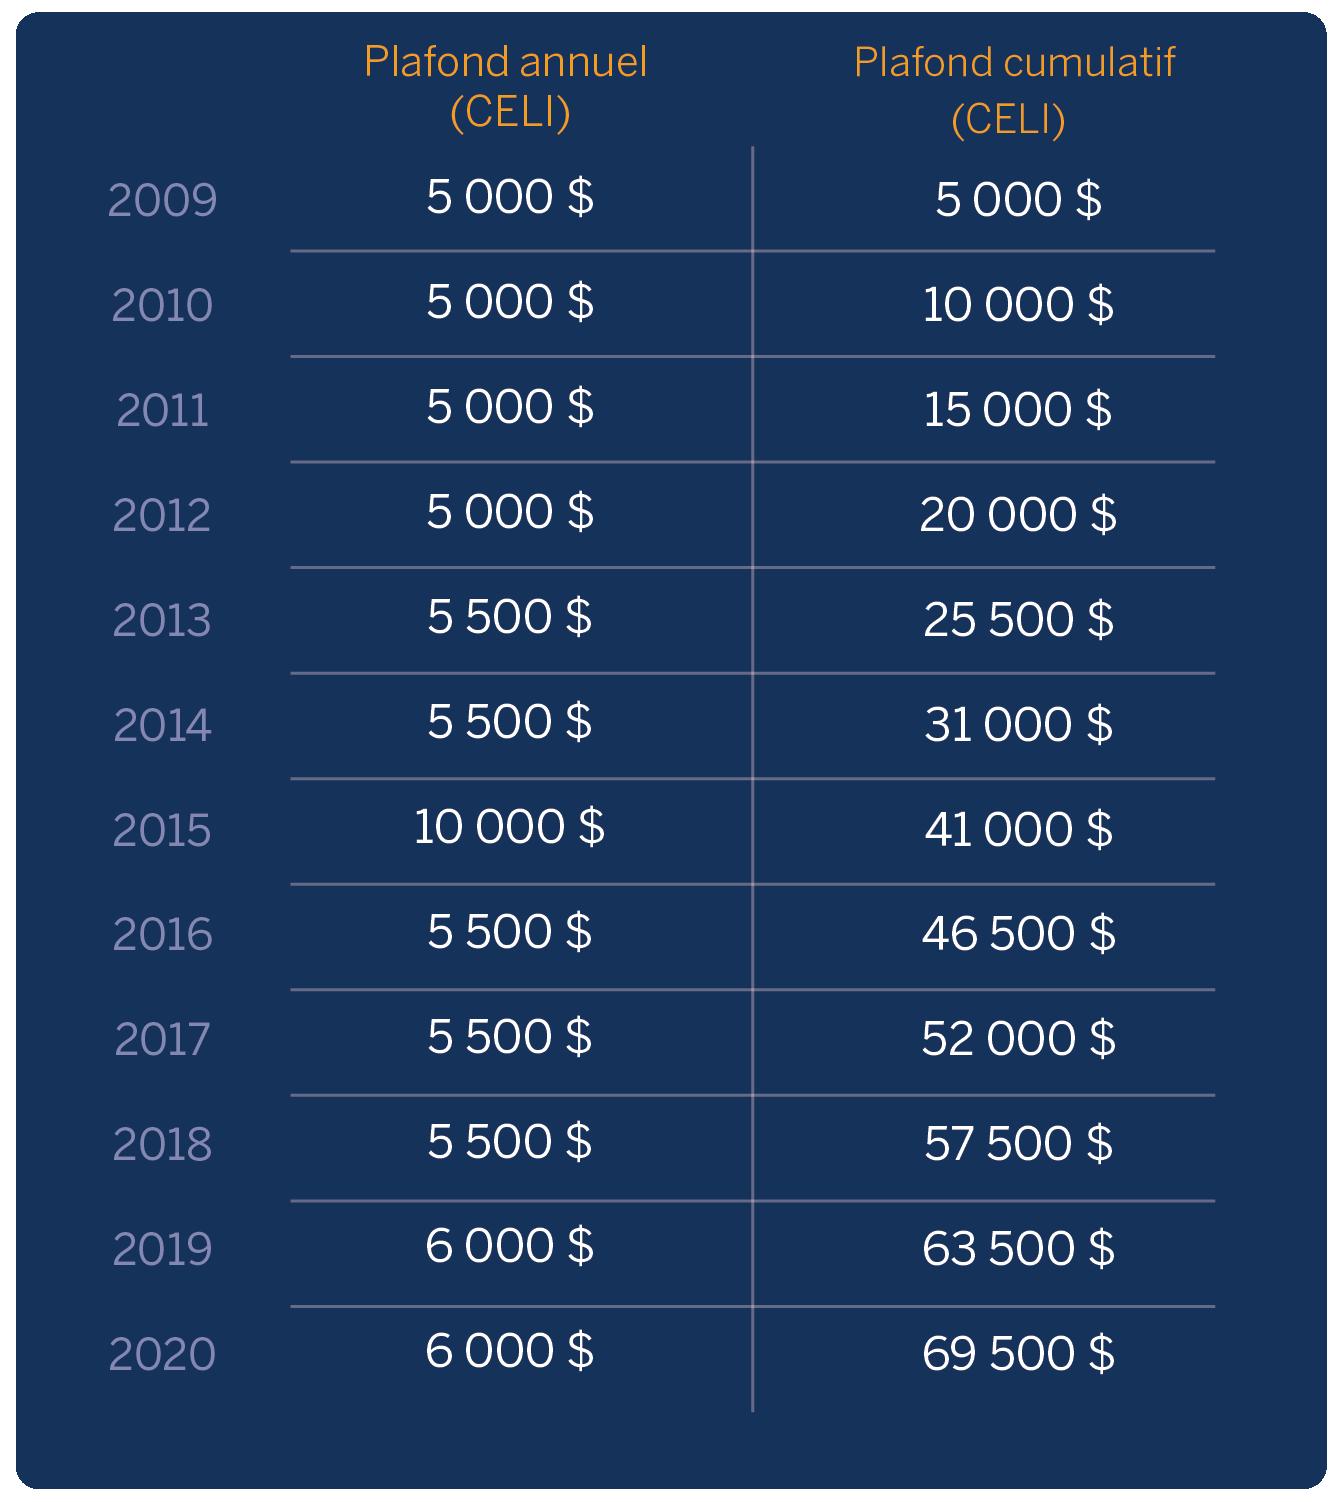 Tableau montrant les plafonds annuels et cumulatifs de cotisation au CELI de 2009 à 2020